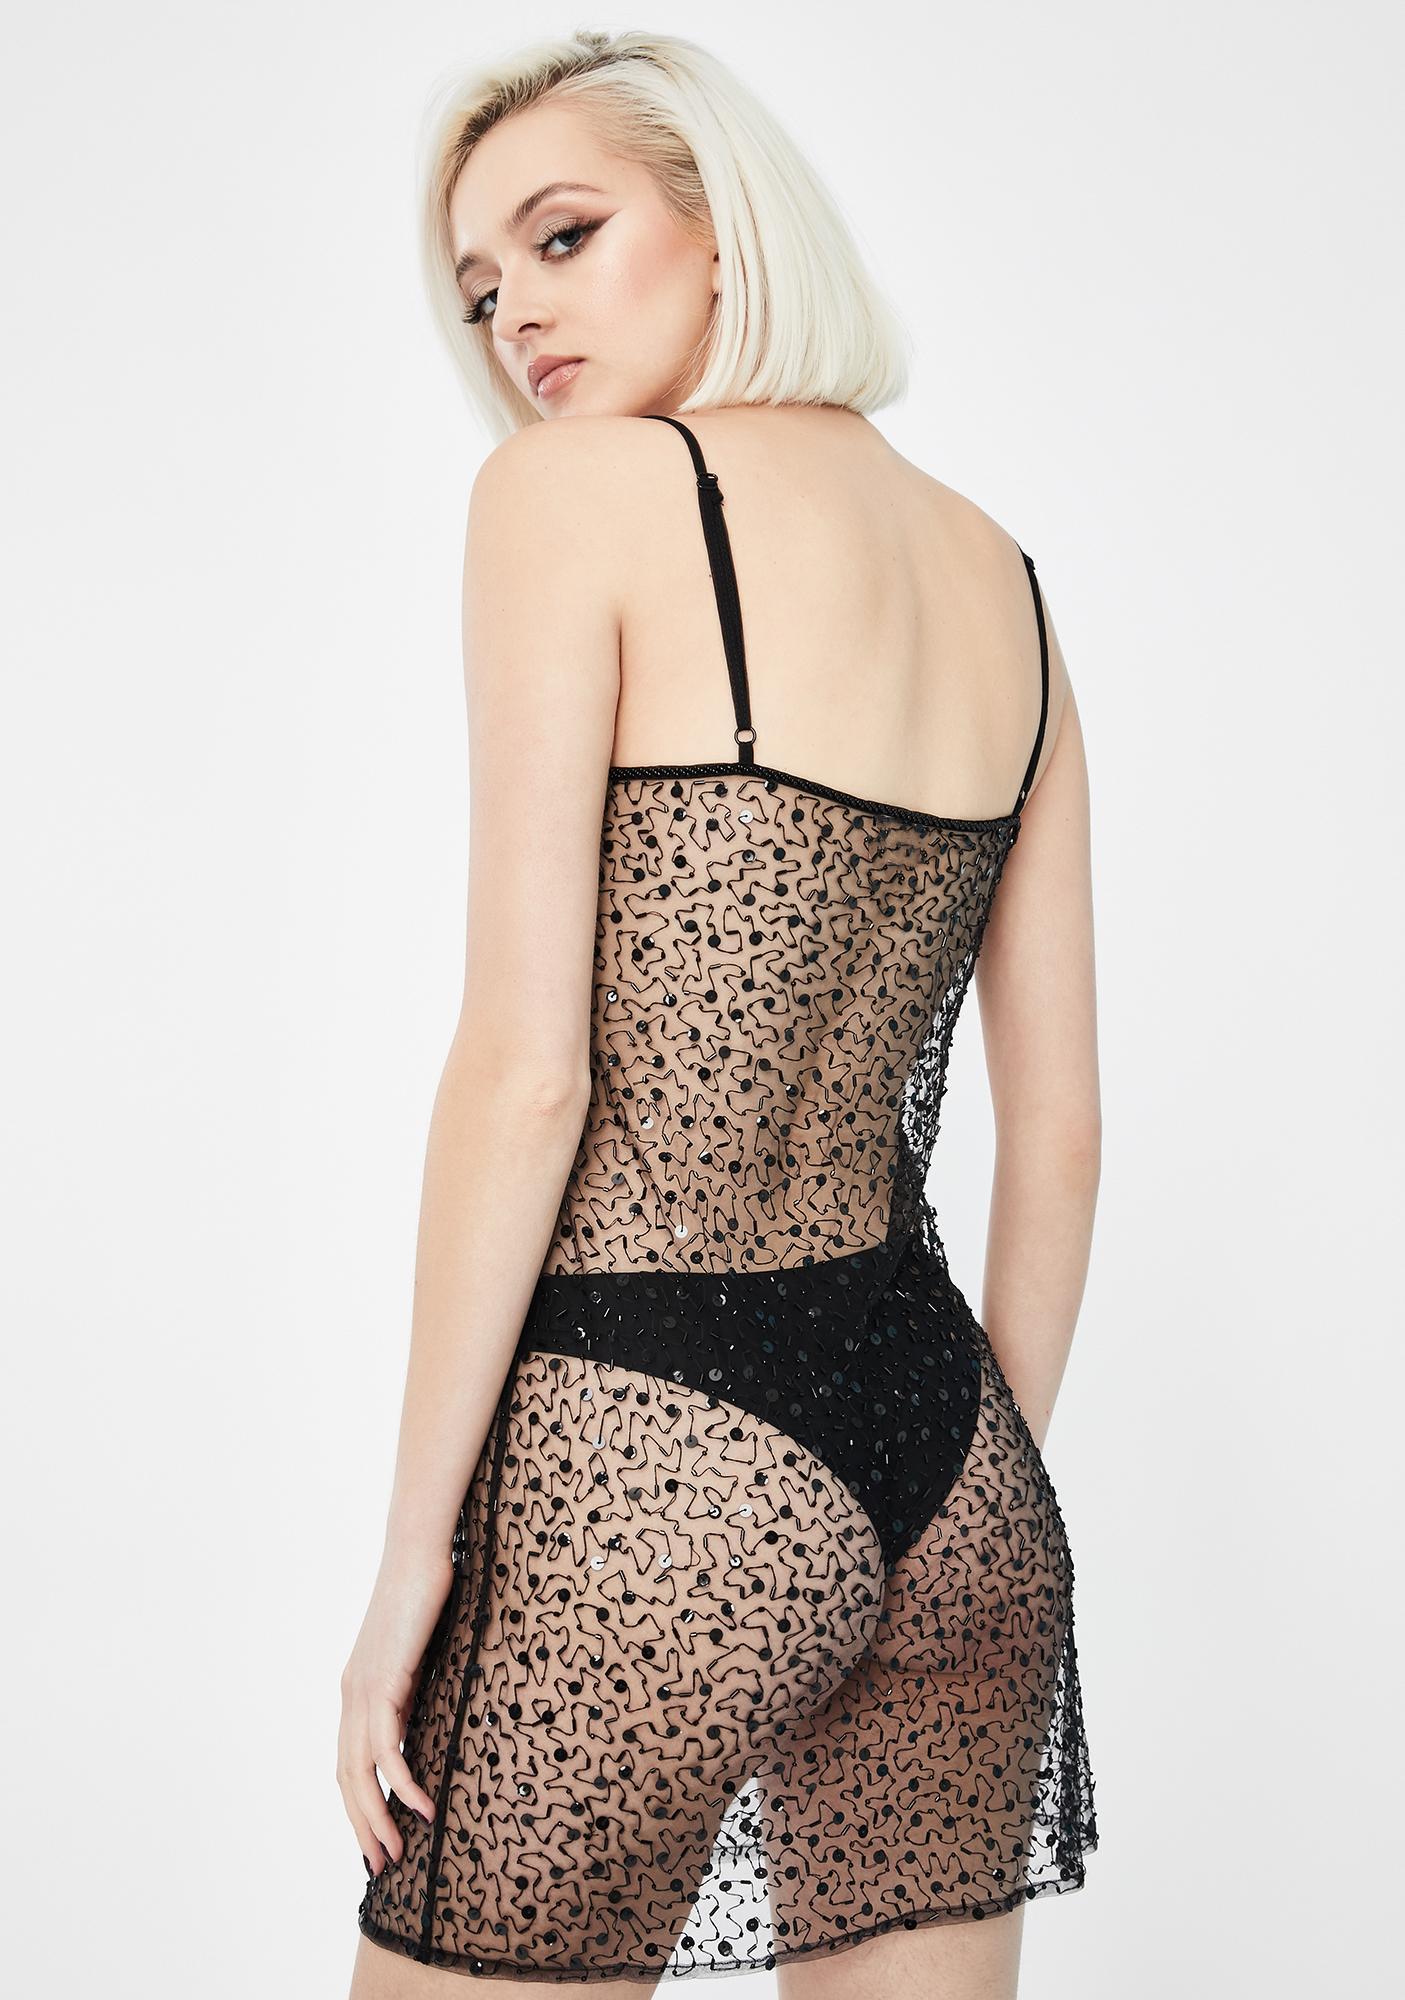 Dyspnea Patriassy Sheer Slip Dress